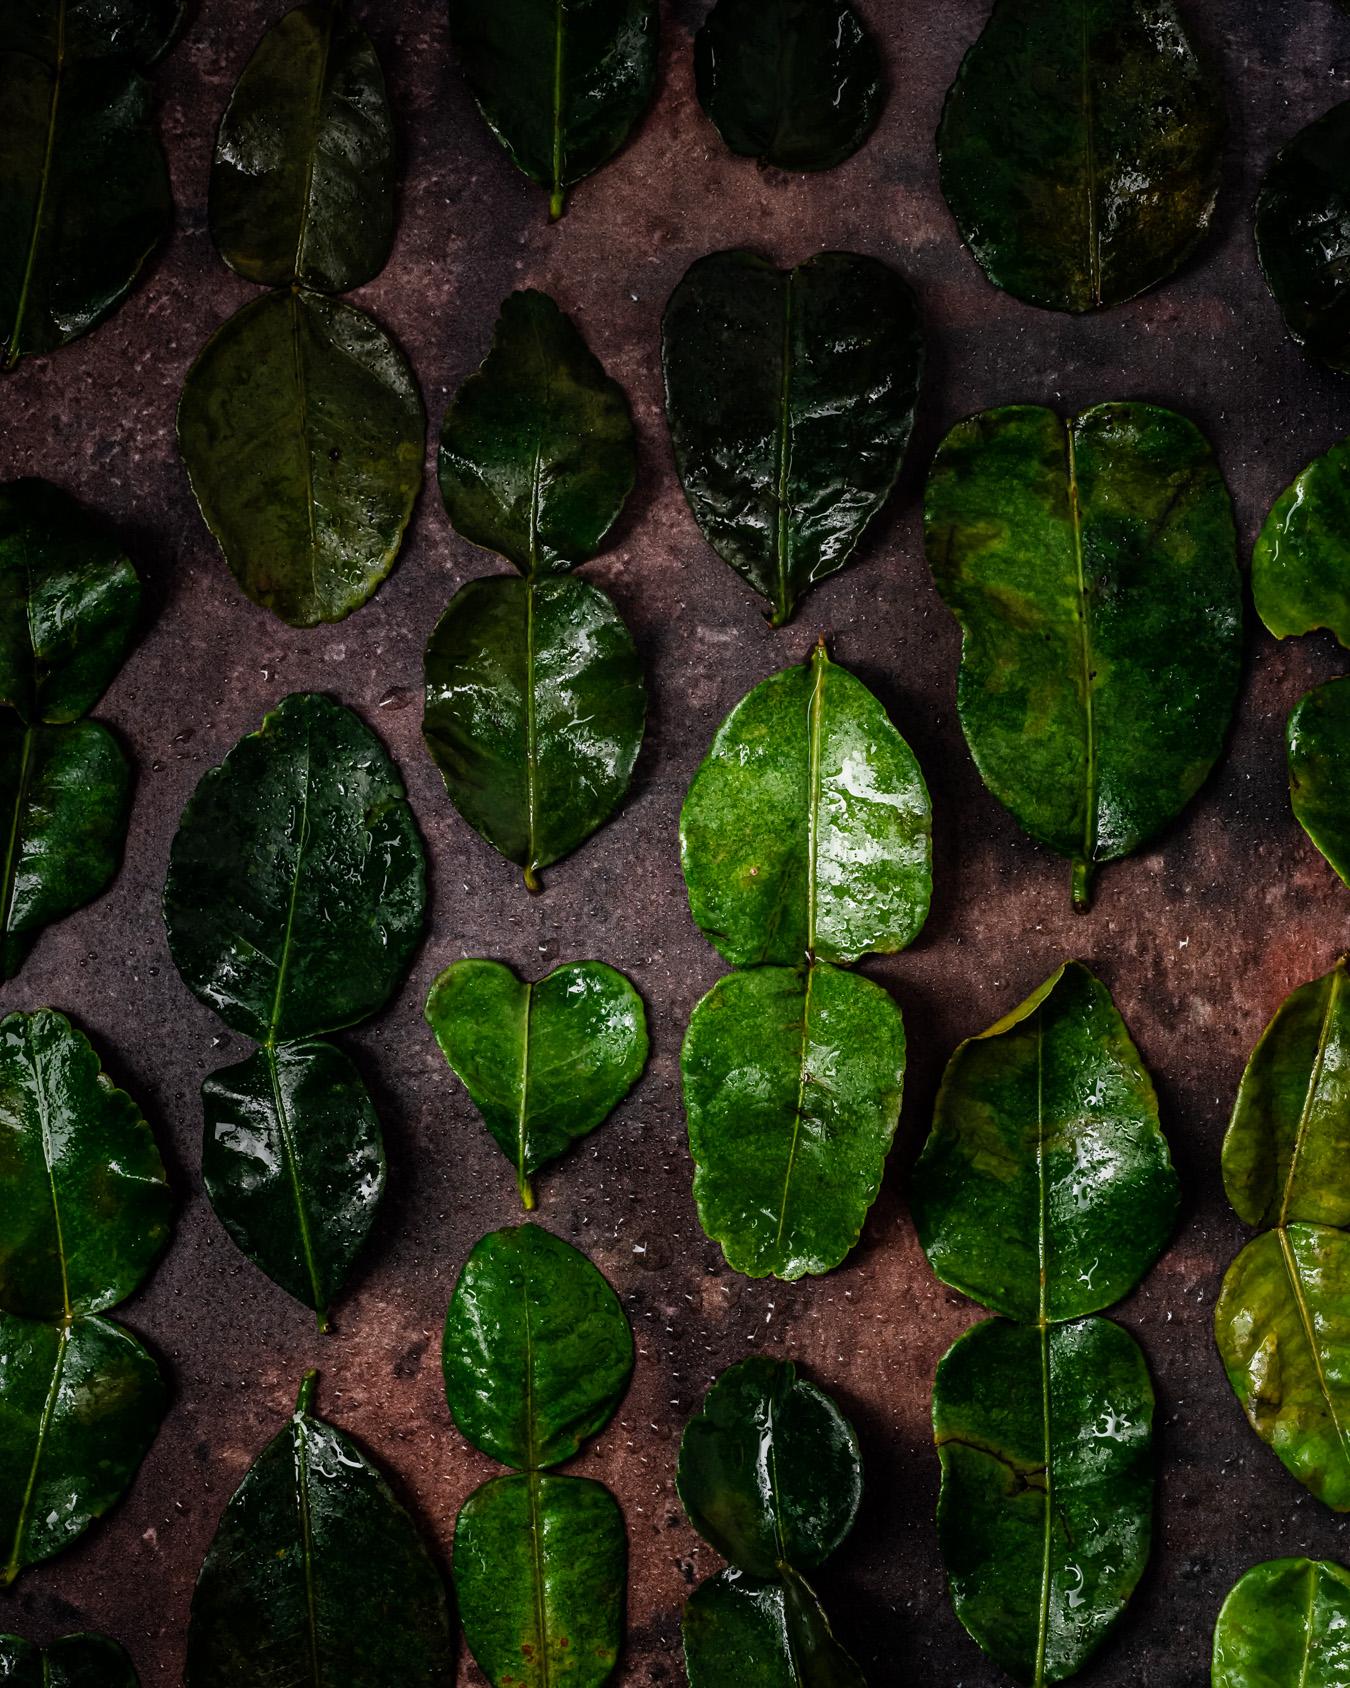 kaffirlimen lehdet